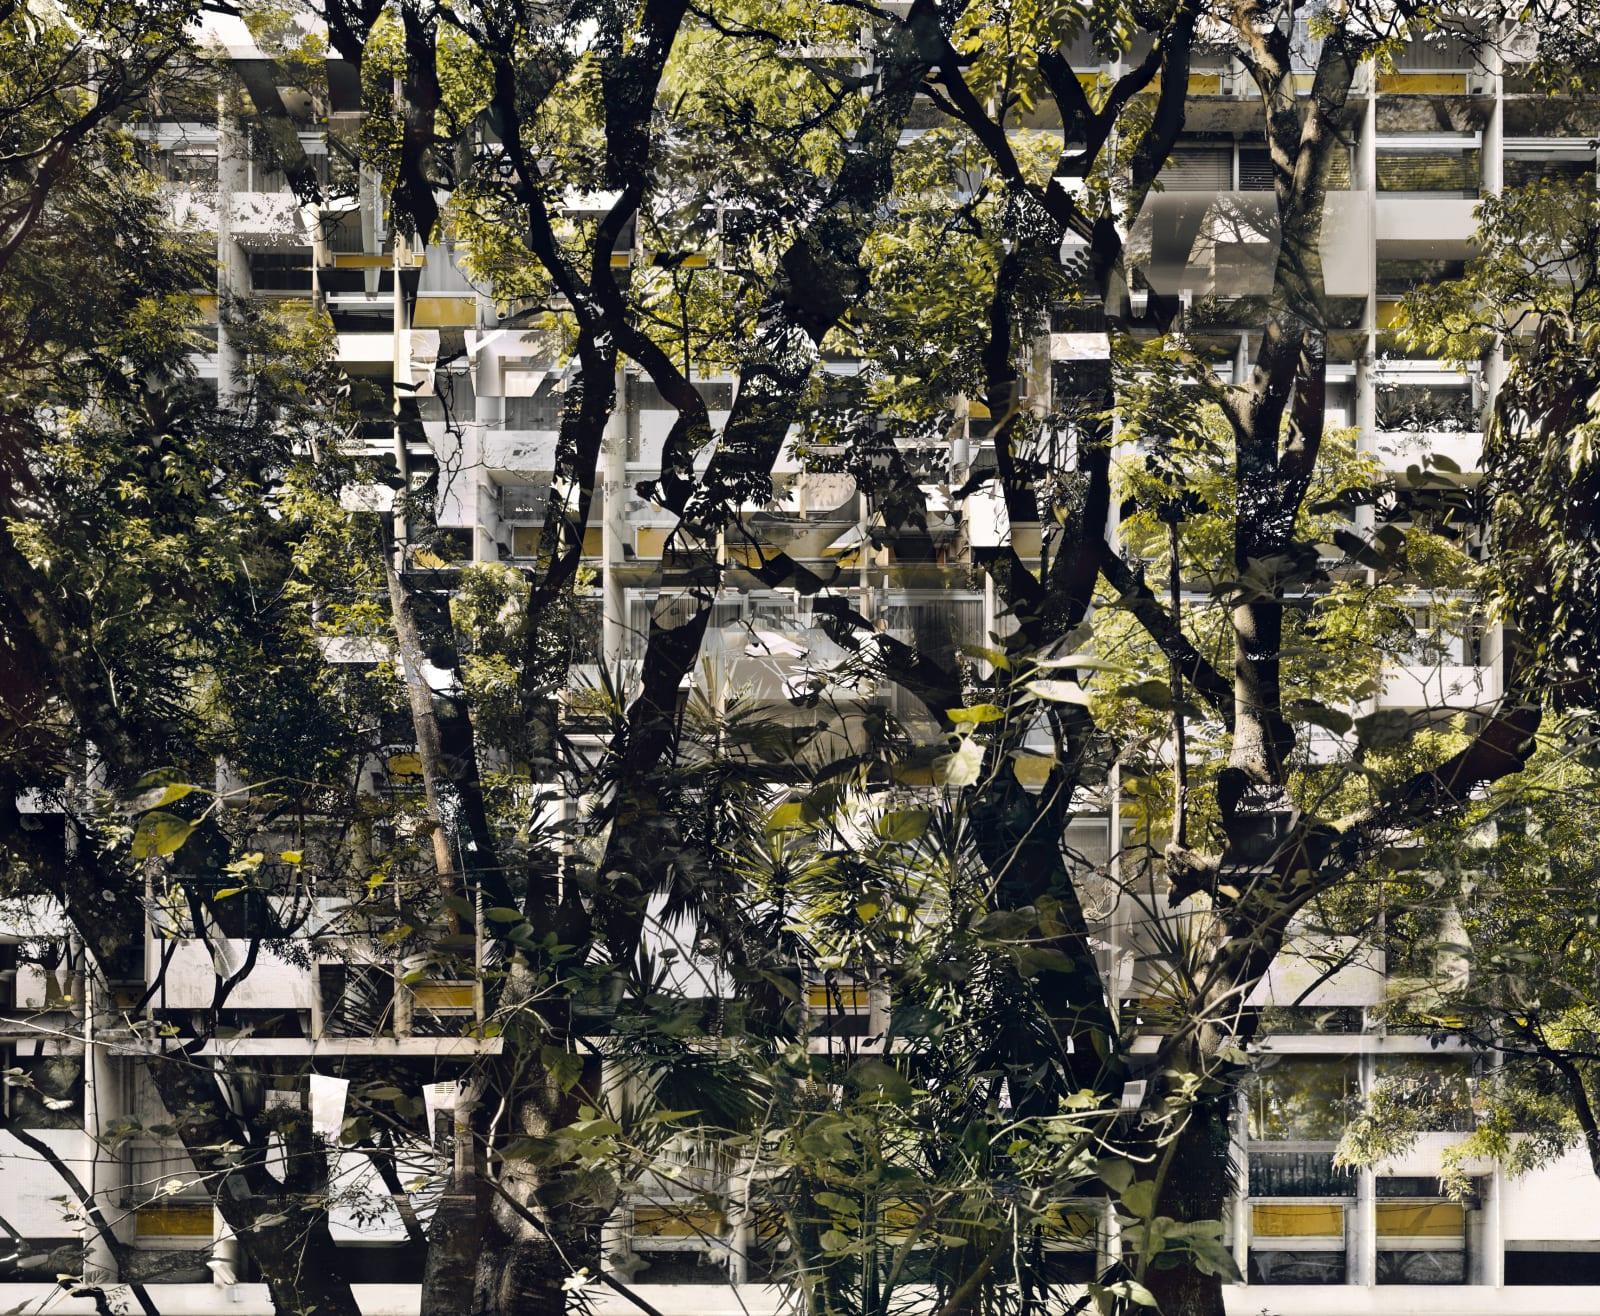 Stéphane Couturier, BRASILIA - Série 'Melting Point' - Quadras 04, 2007-2008